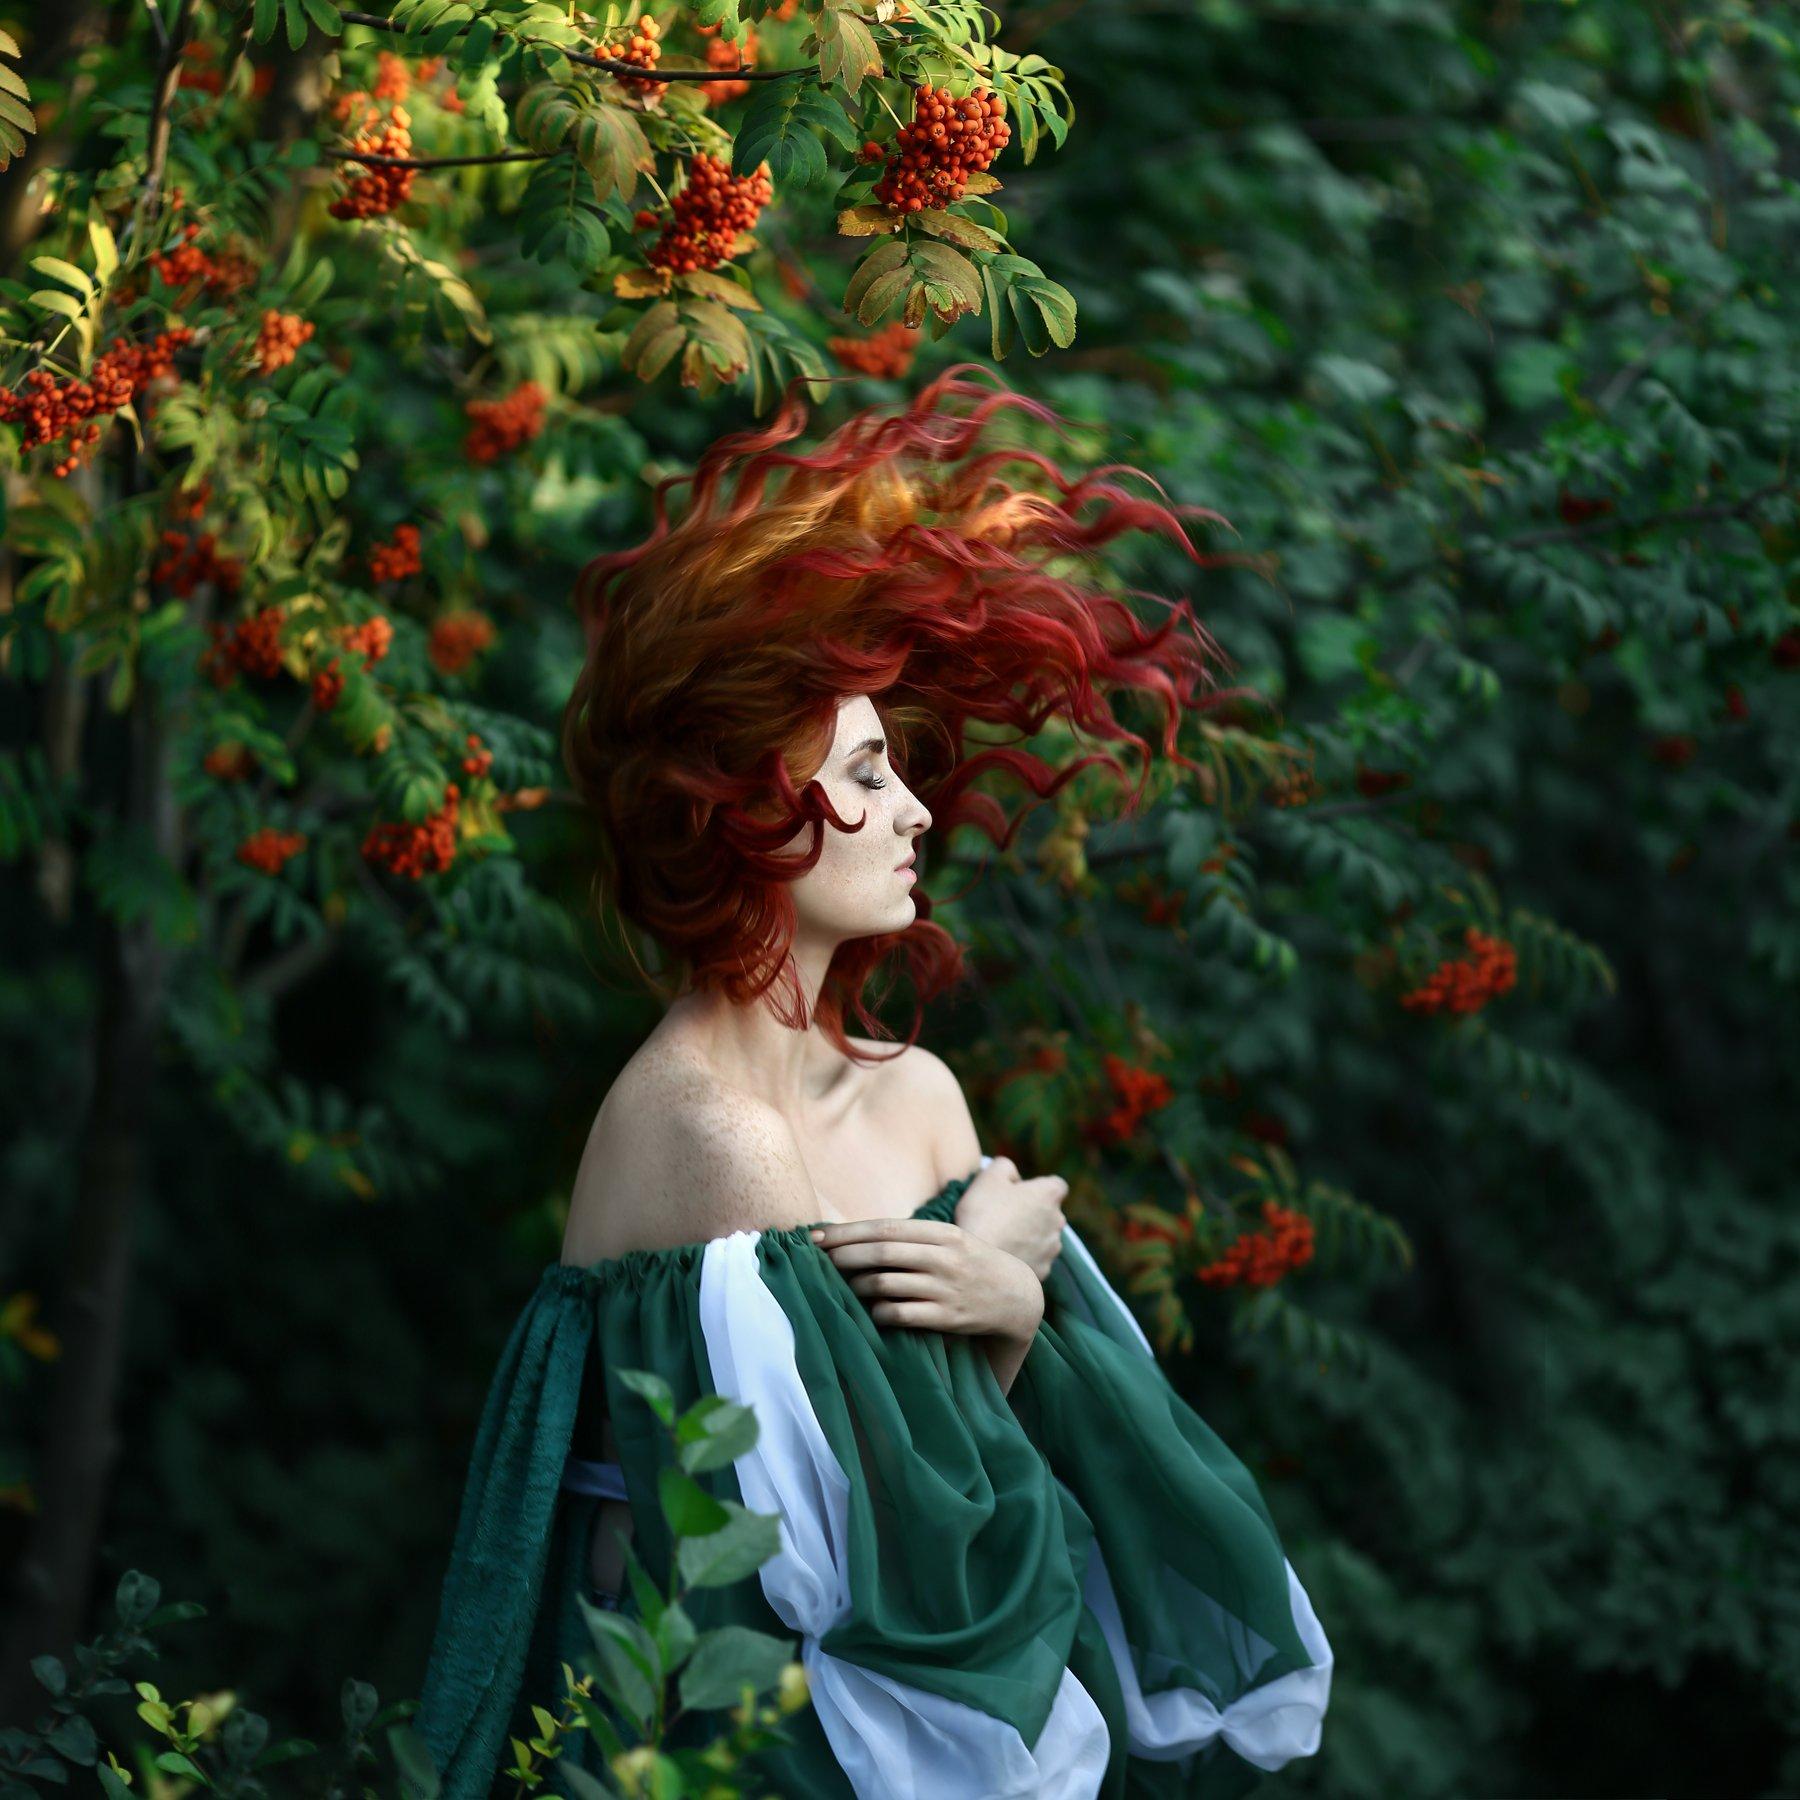 рыжая, рыжая девушка, веснушки, девушка в веснушках, рябина, девушка в рябине, рыжая девушка в рябине, Ирина Голубятникова